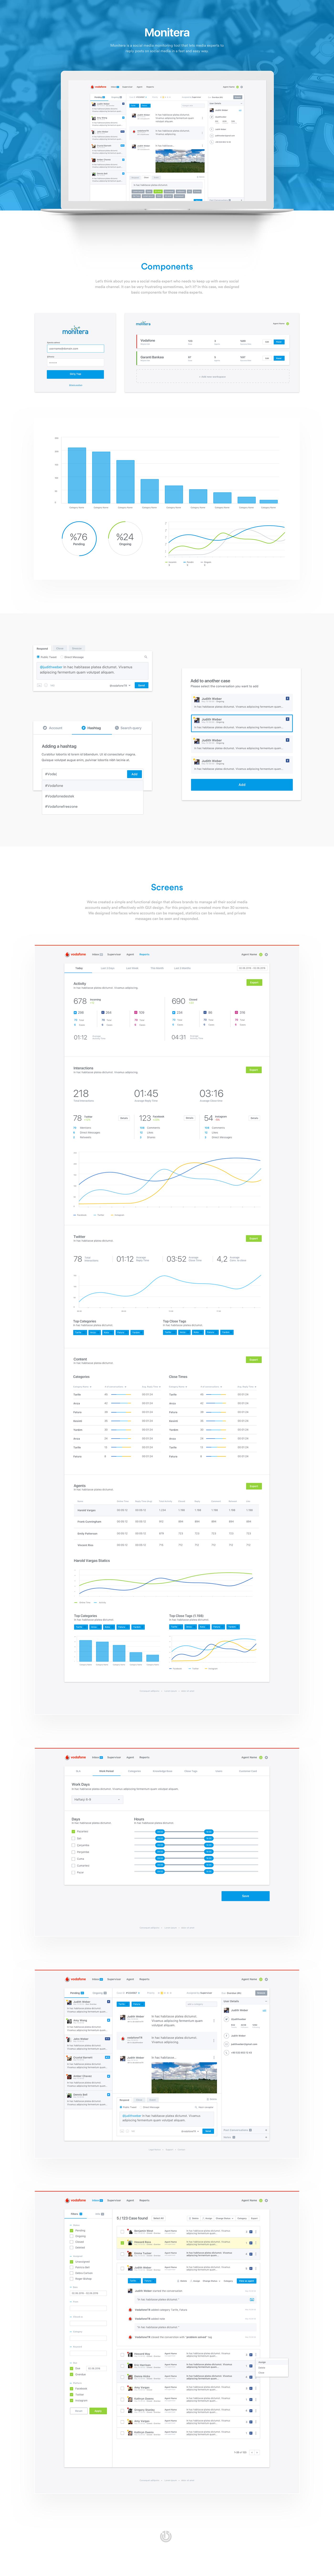 dashboard,tool design,Monitoring,UI,ux,social media,stats,Charts